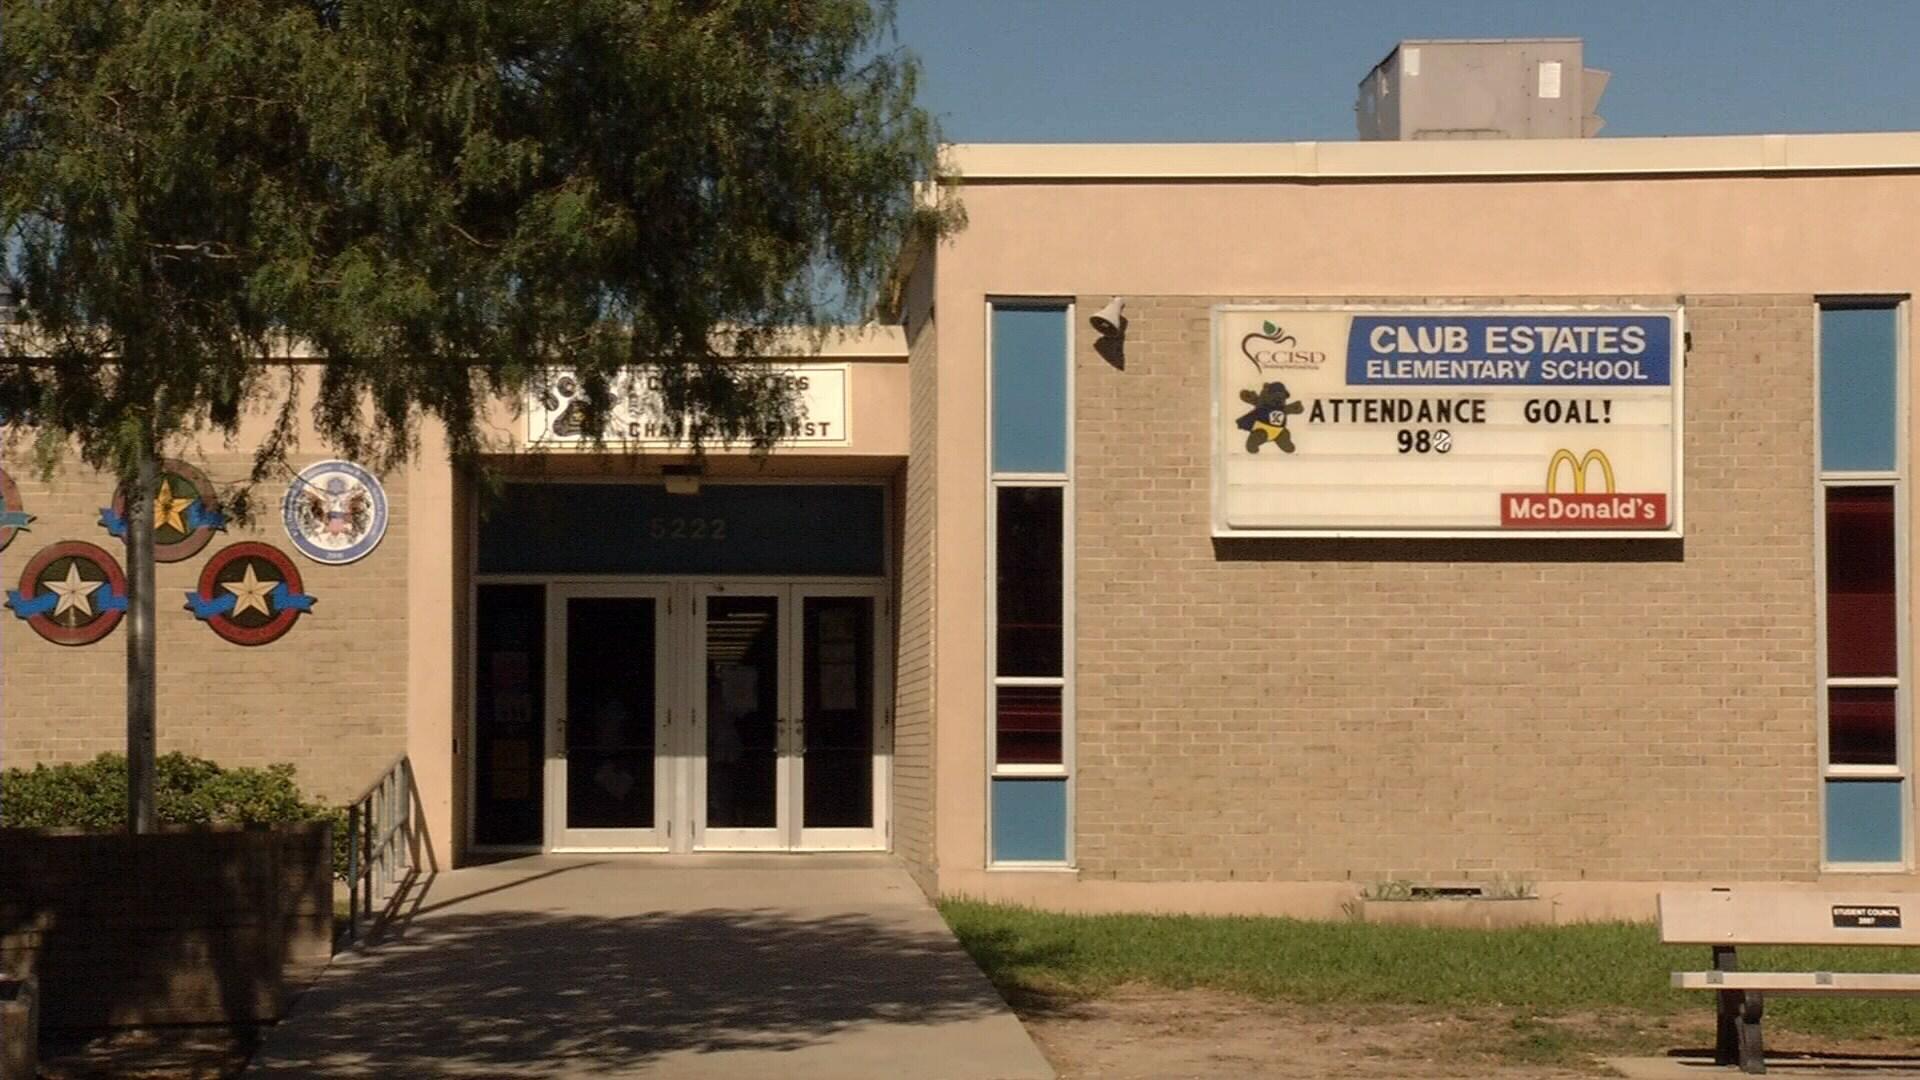 Club Estate Elementary